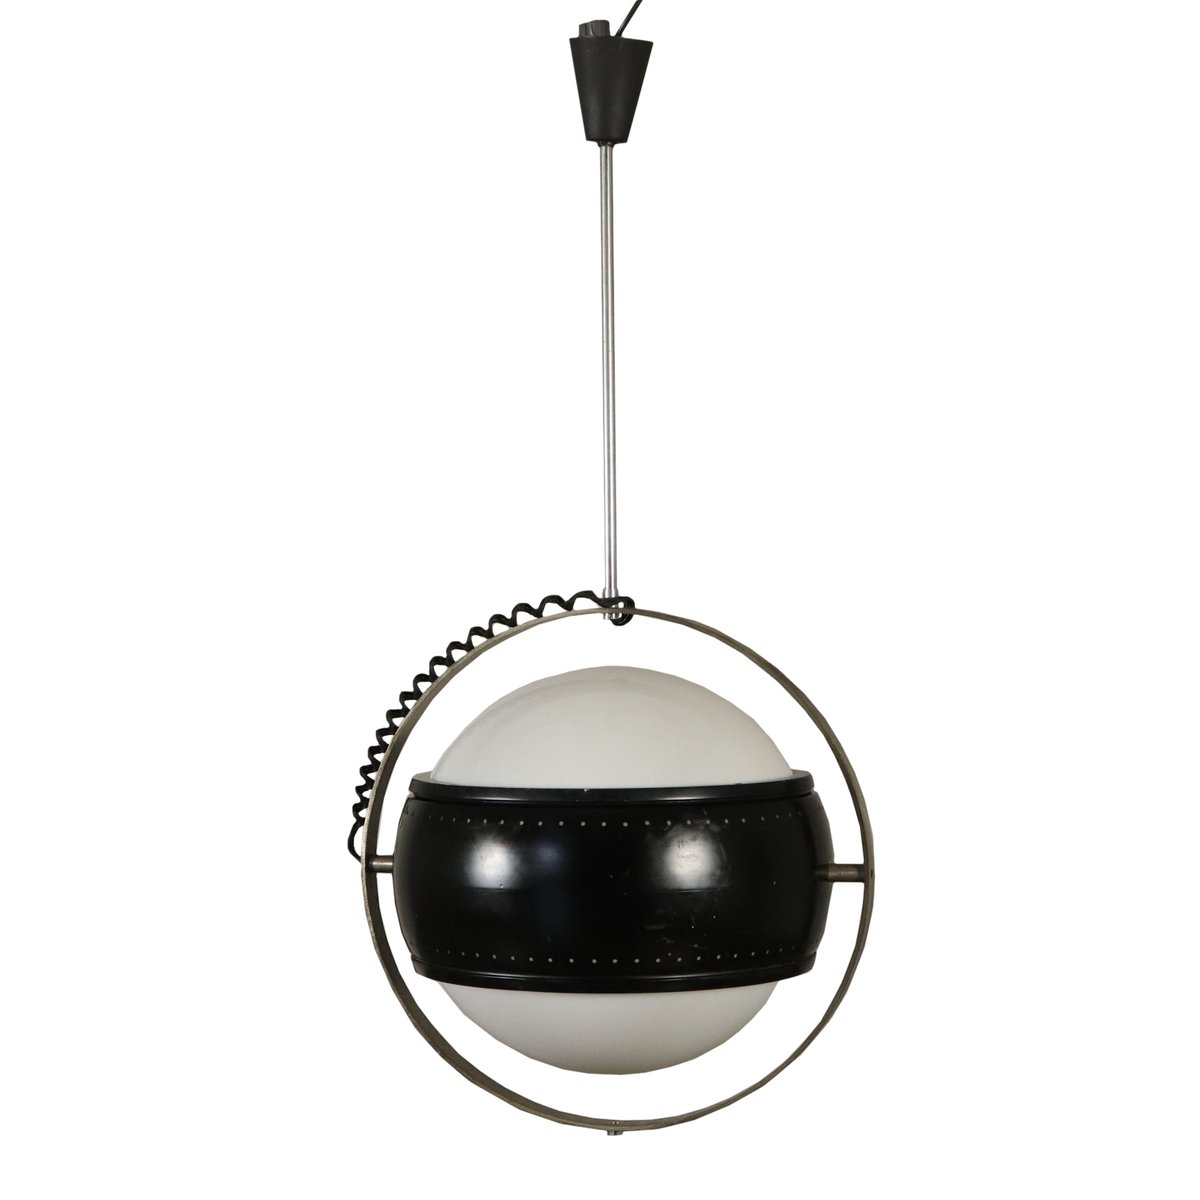 Vintage Deckenlampe aus Metall & Aluminium, 1960er